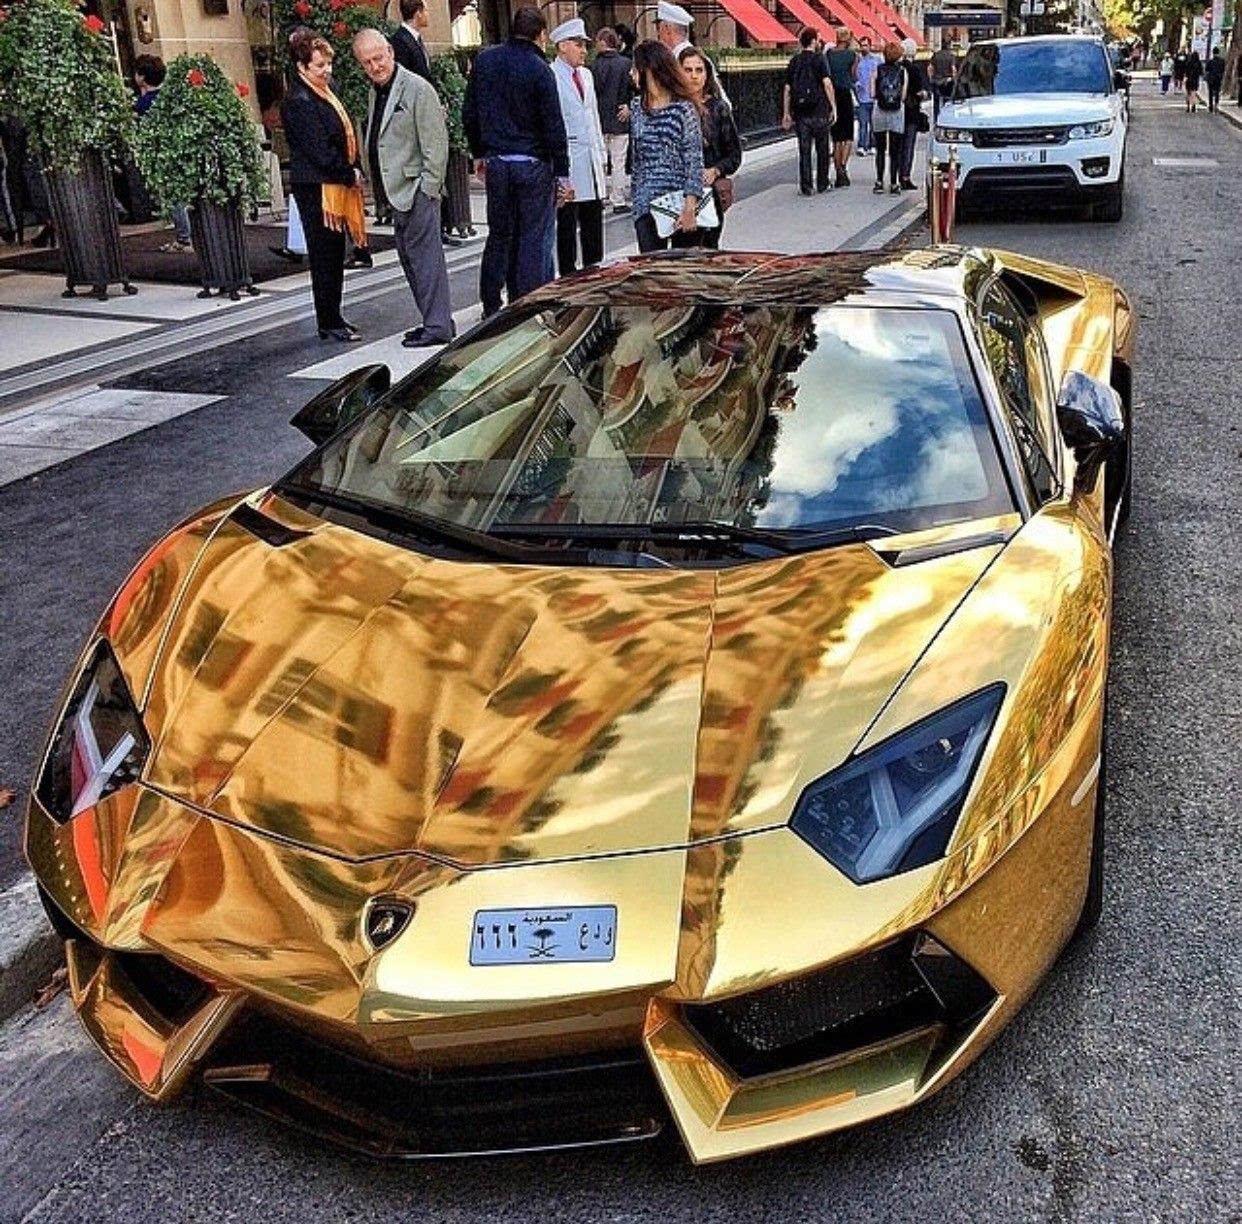 黄金宝马车最贵的_黄金跑车7298100亿元-世界上有几辆黄金跑车/布加迪威龙最贵的 ...